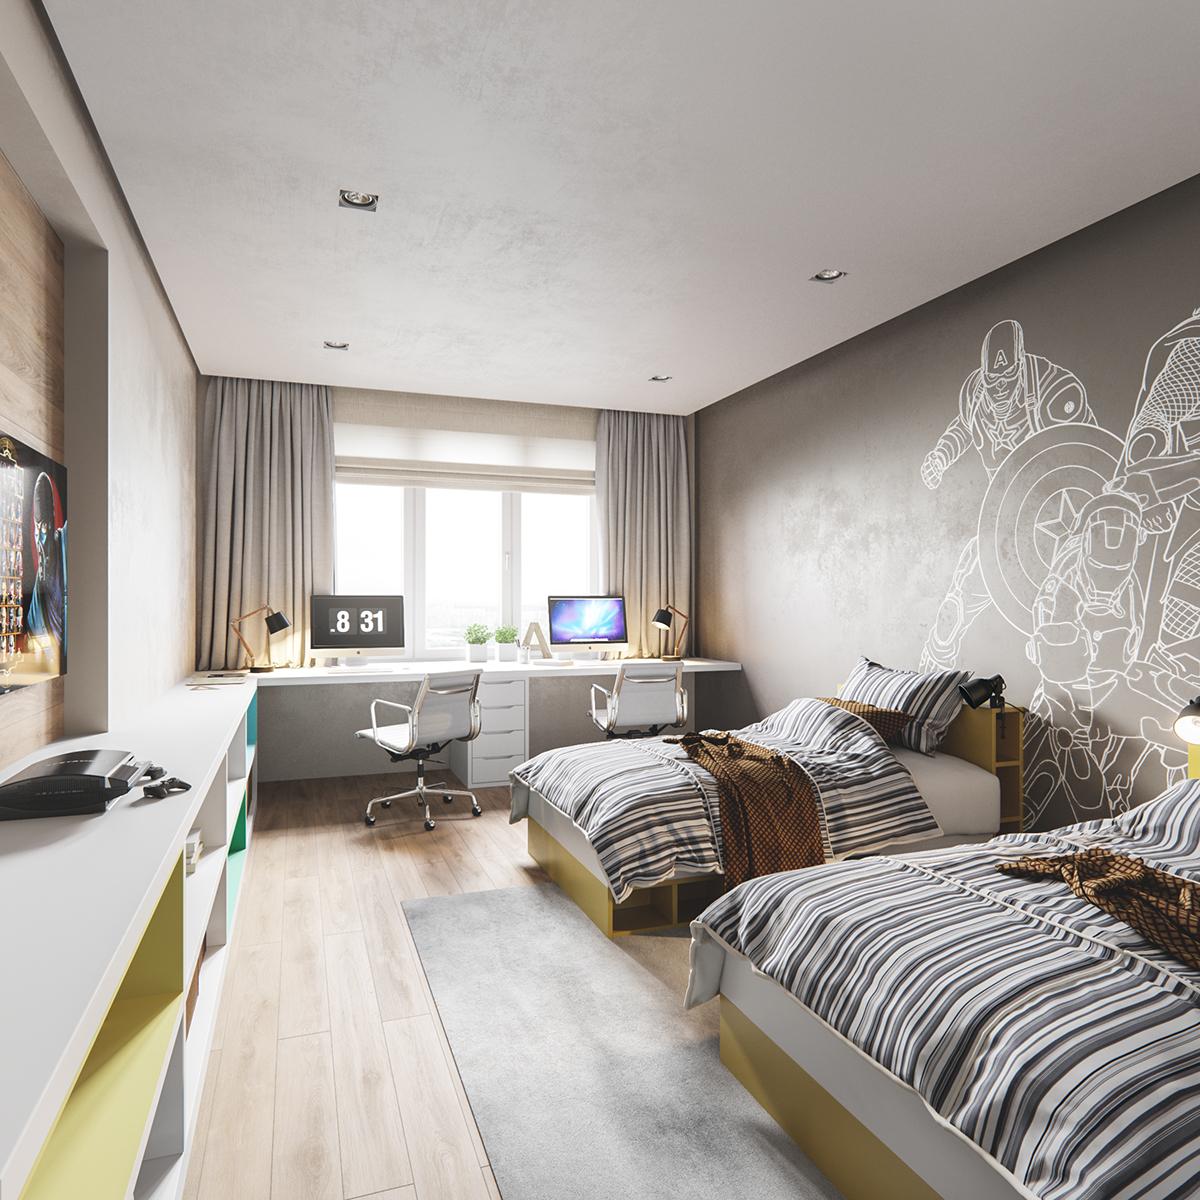 Gold White Interior Design: White, Gold & Classic Interior Design Project You'll Love